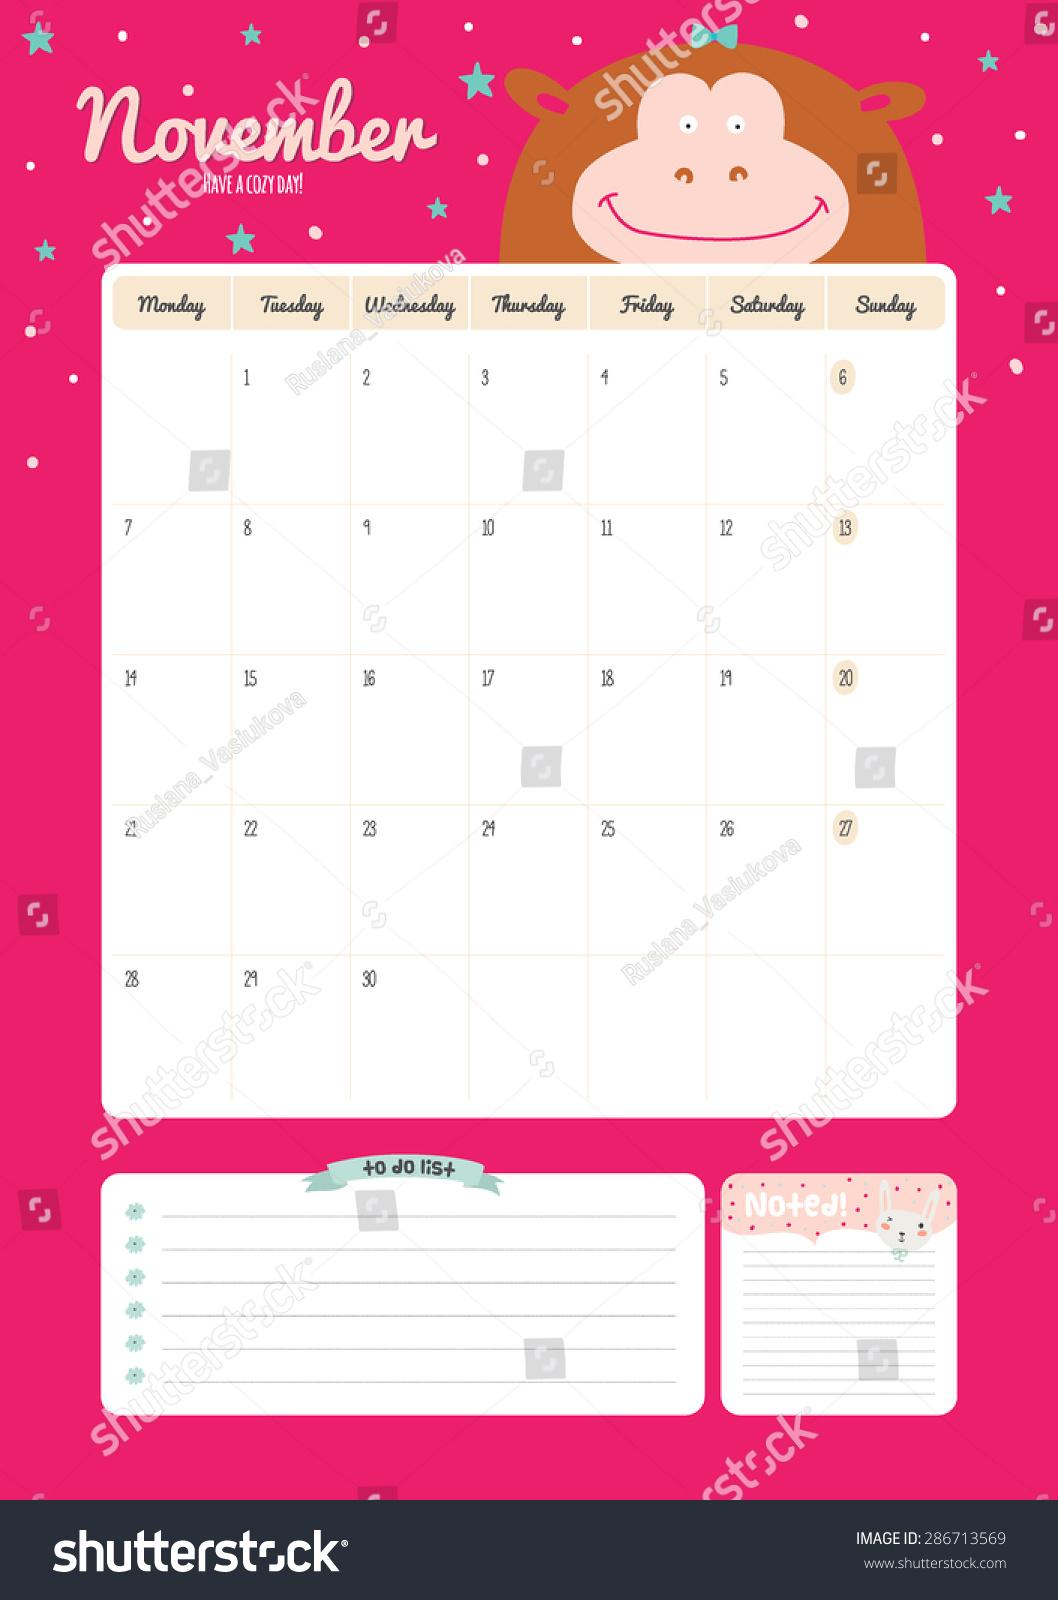 Cute Calendar Illustration : Cute calendar template beautiful diary stock vector